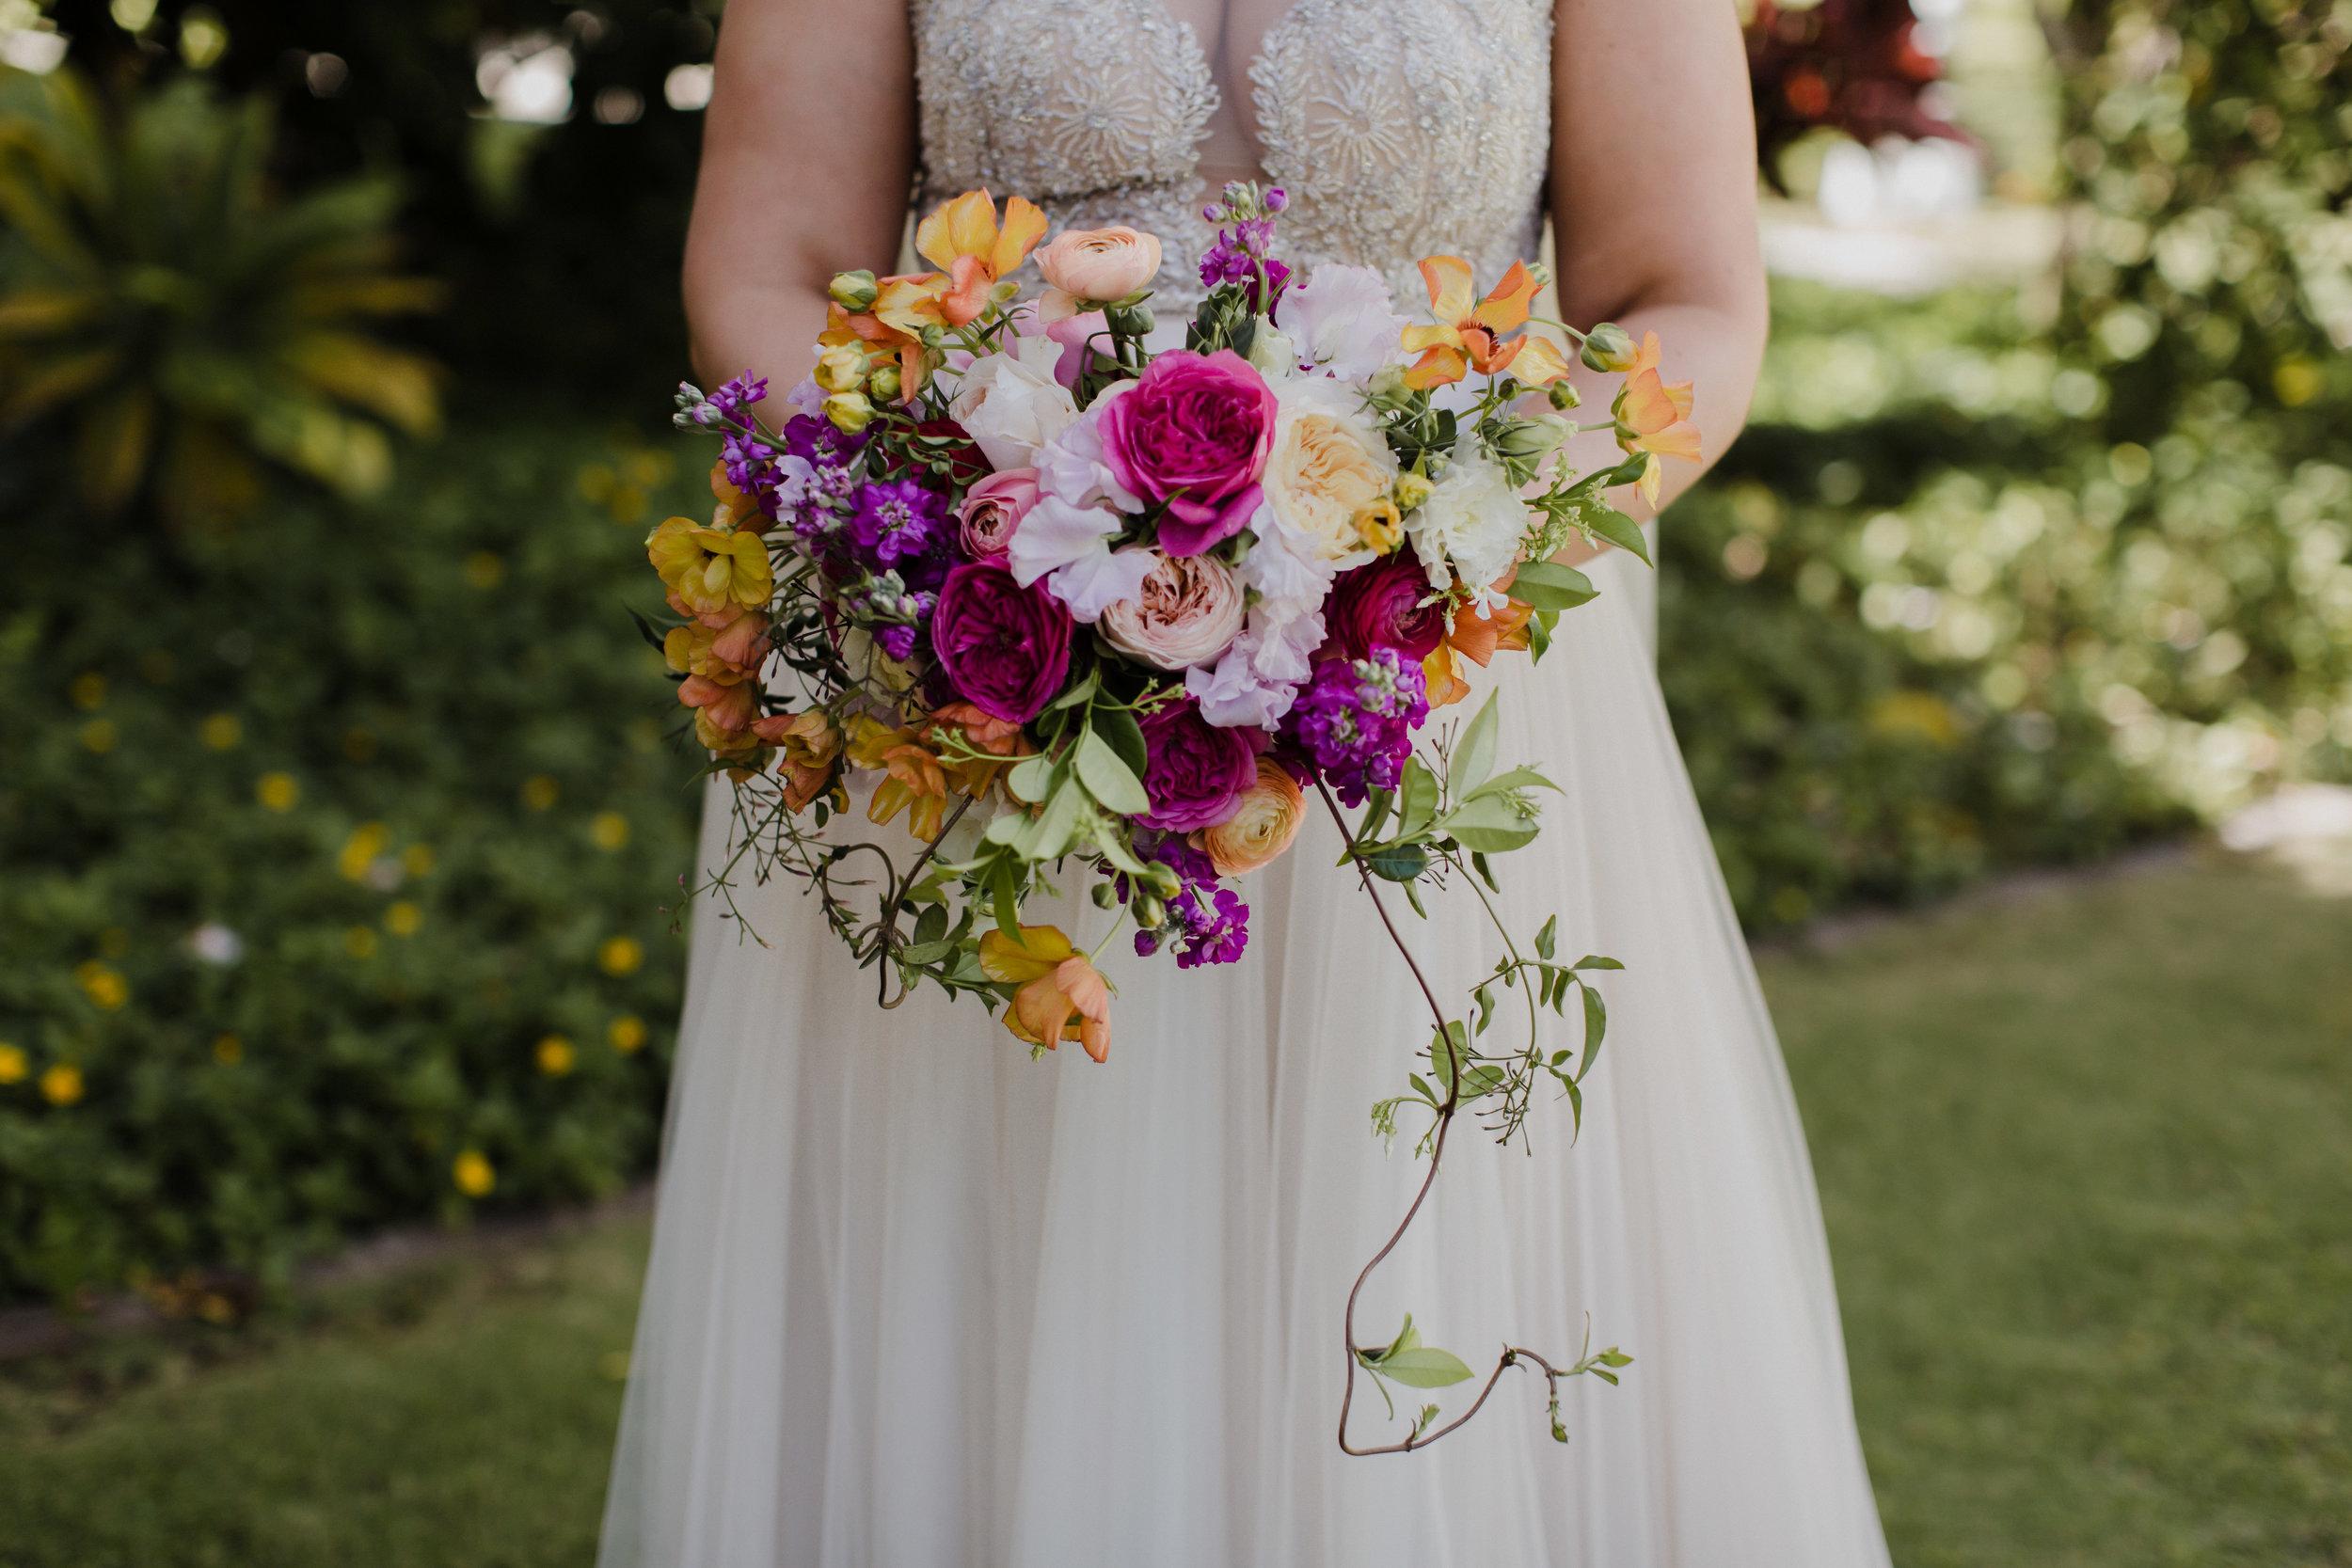 Stephanie-Betsill-Photography-Maui-Photographer-Hawaii-Wedding-Photographer-0023.jpg